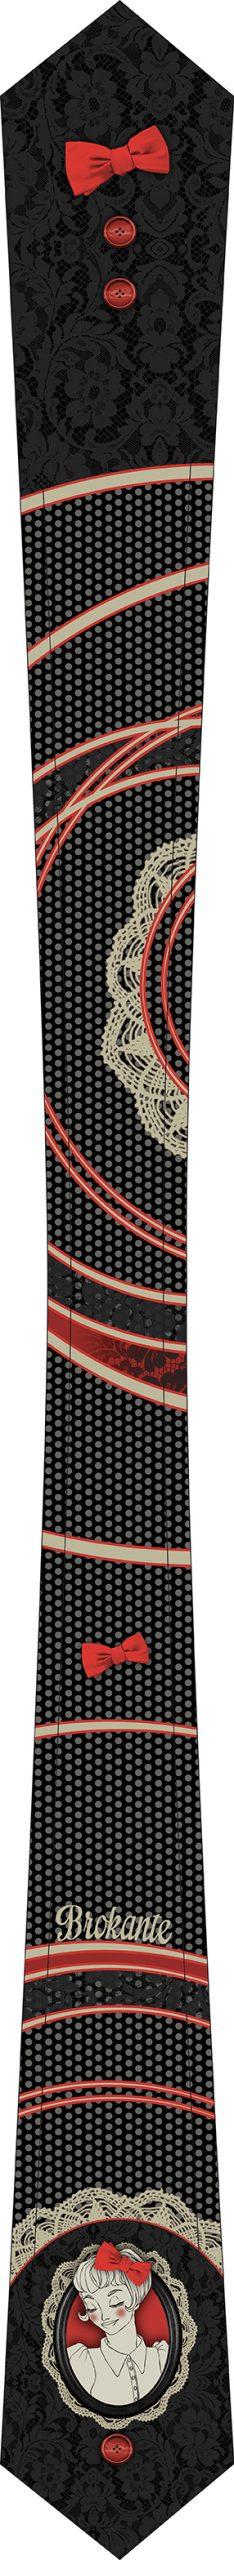 cravate femme noire, blanc cassé et rouge